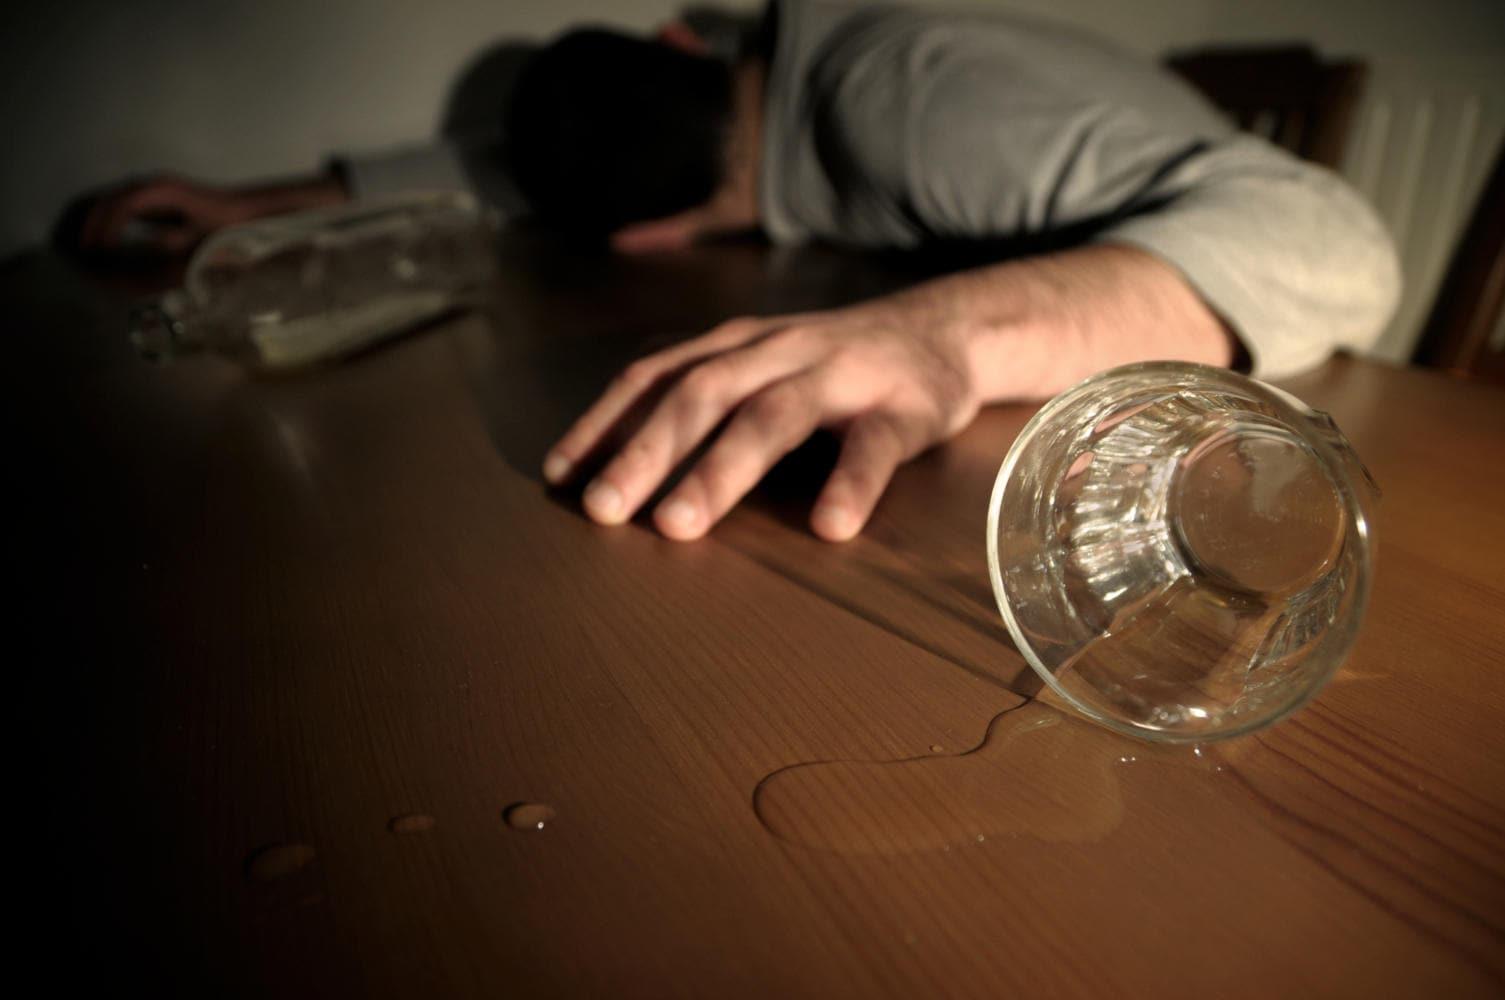 Uomo svenuto, dopo aver perso conoscenza a causa dell'intossicazione da alcool